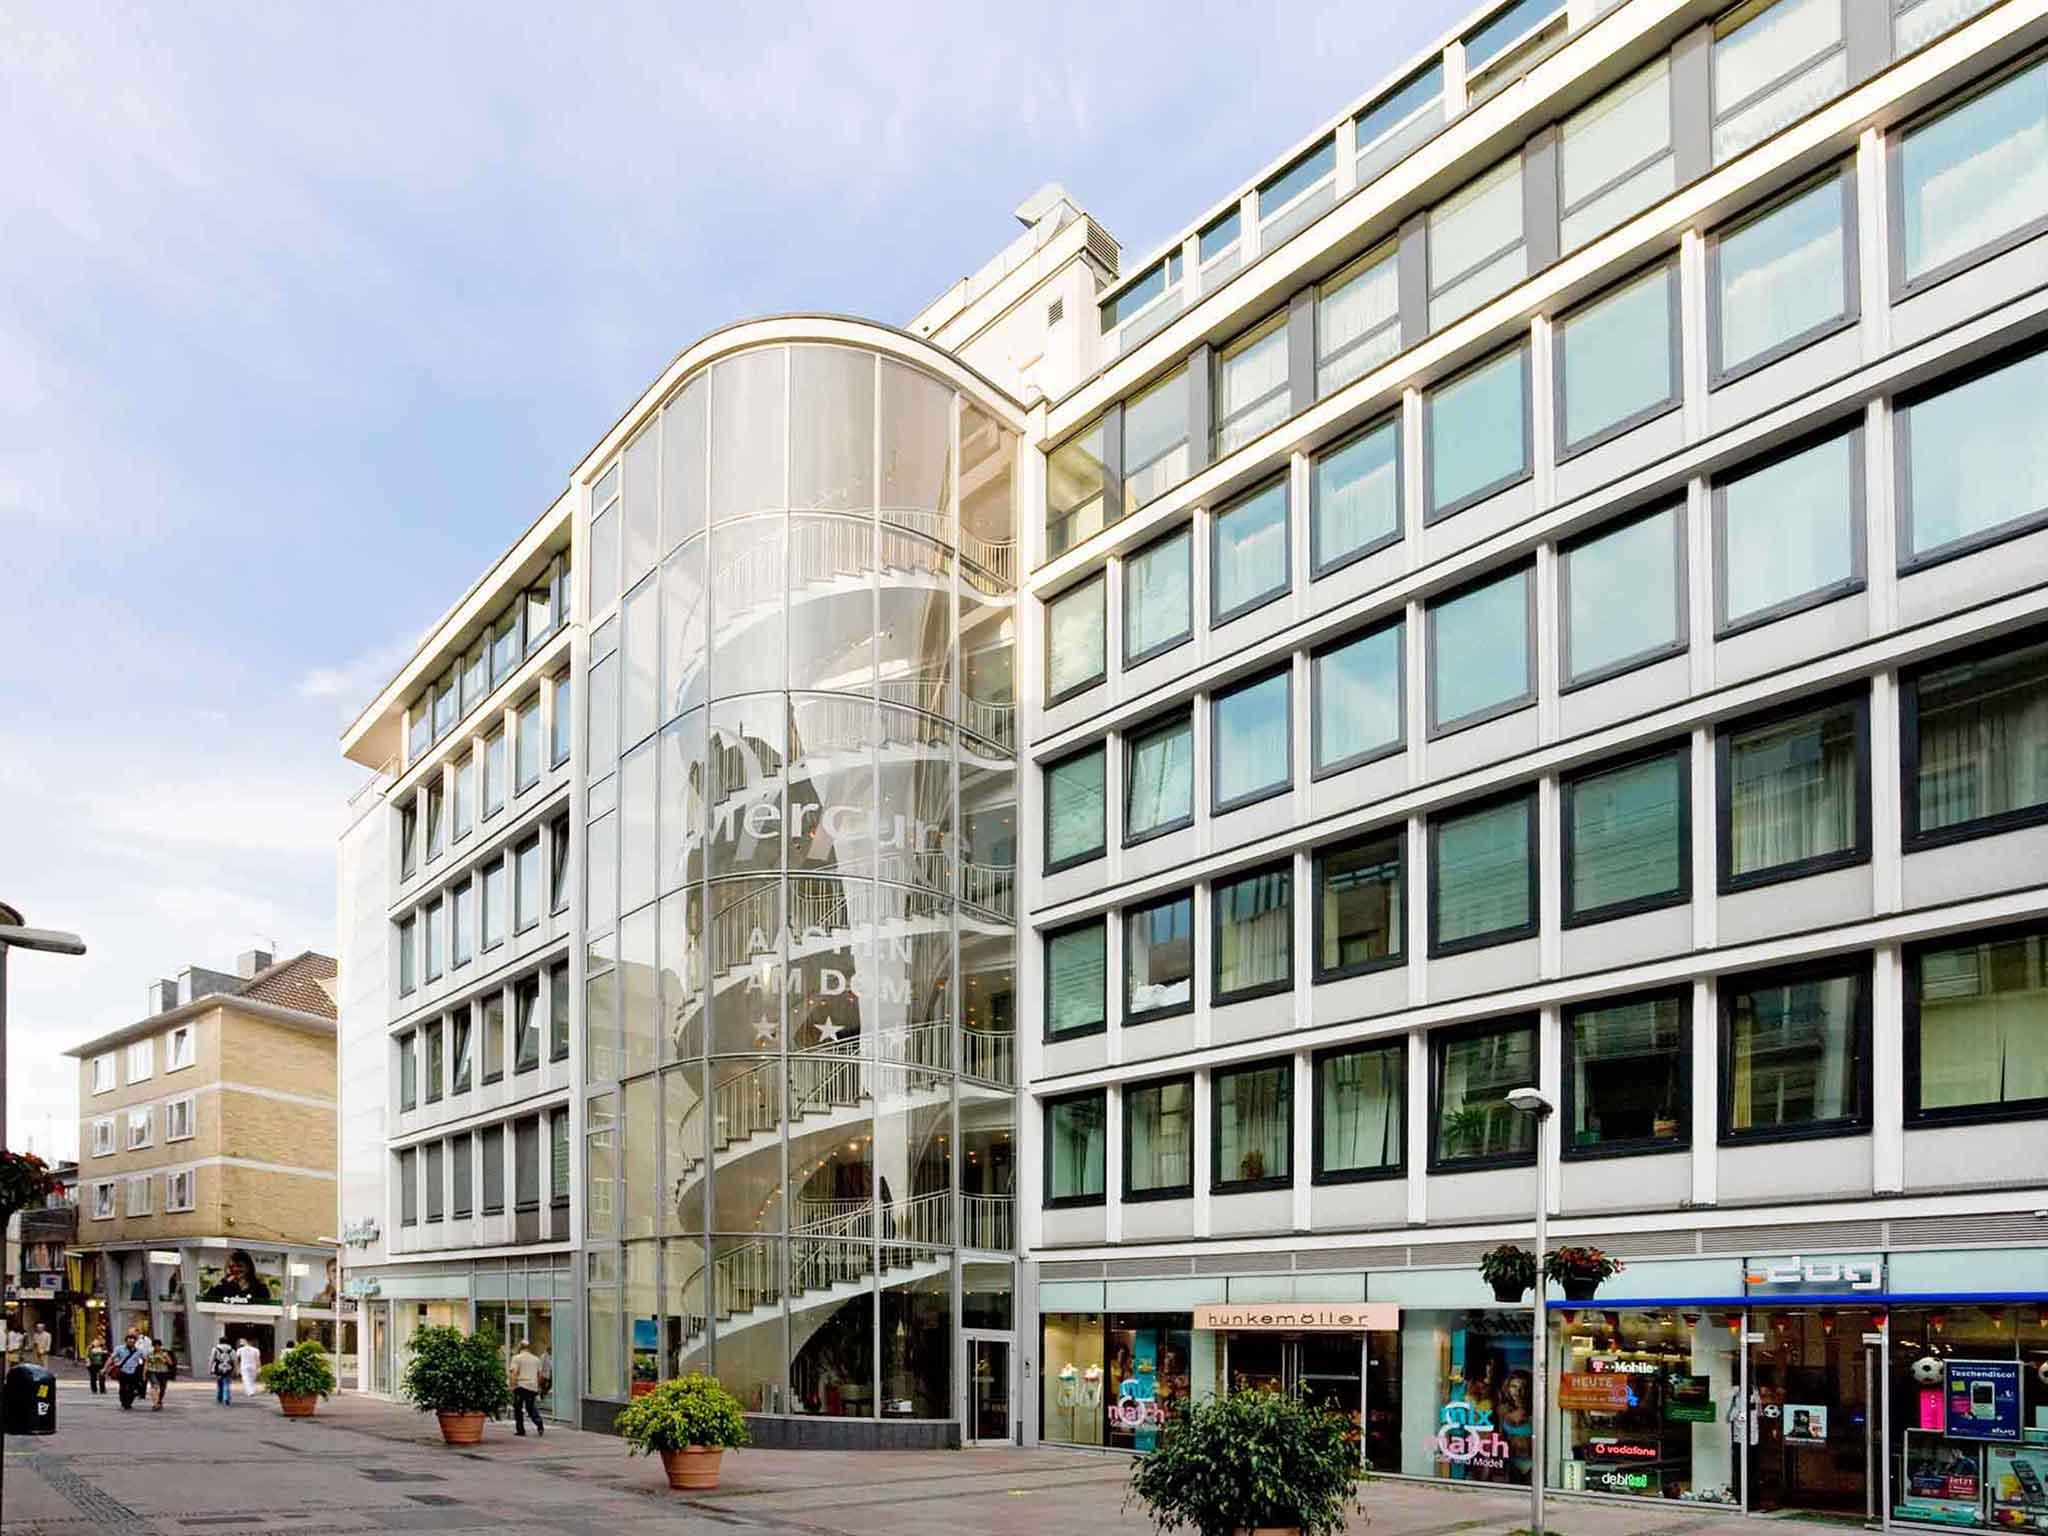 Hôtel - Mercure Hotel Aachen am Dom